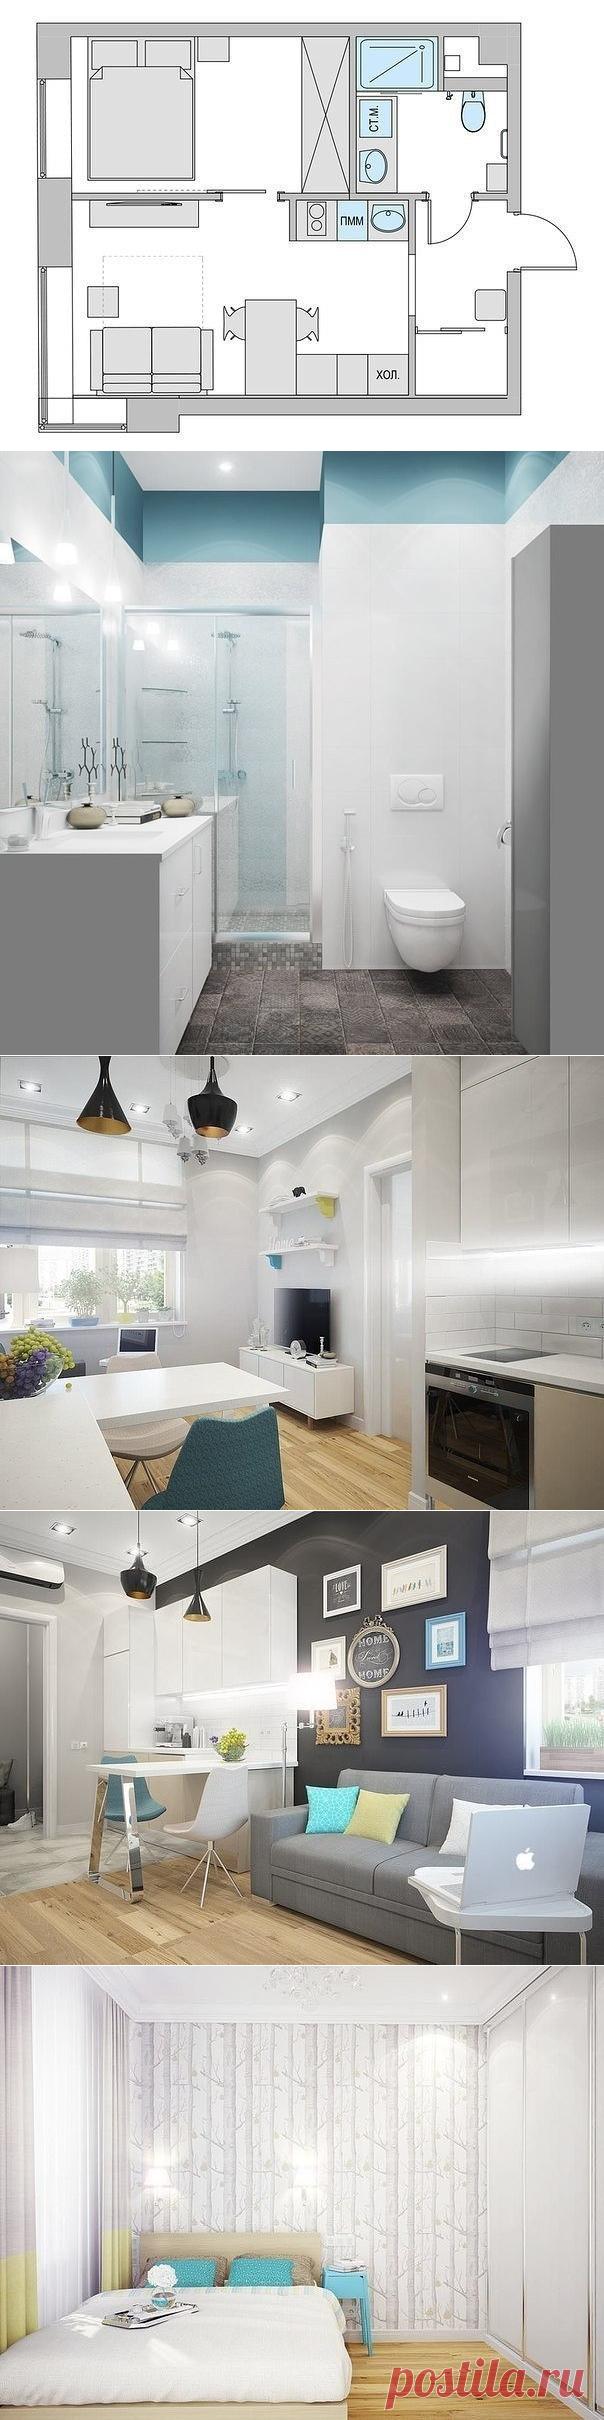 Дизайн - проект маленькой двухкомнатной квартиры, 33кв м. - Дизайн интерьеров | Идеи вашего дома | Lodgers